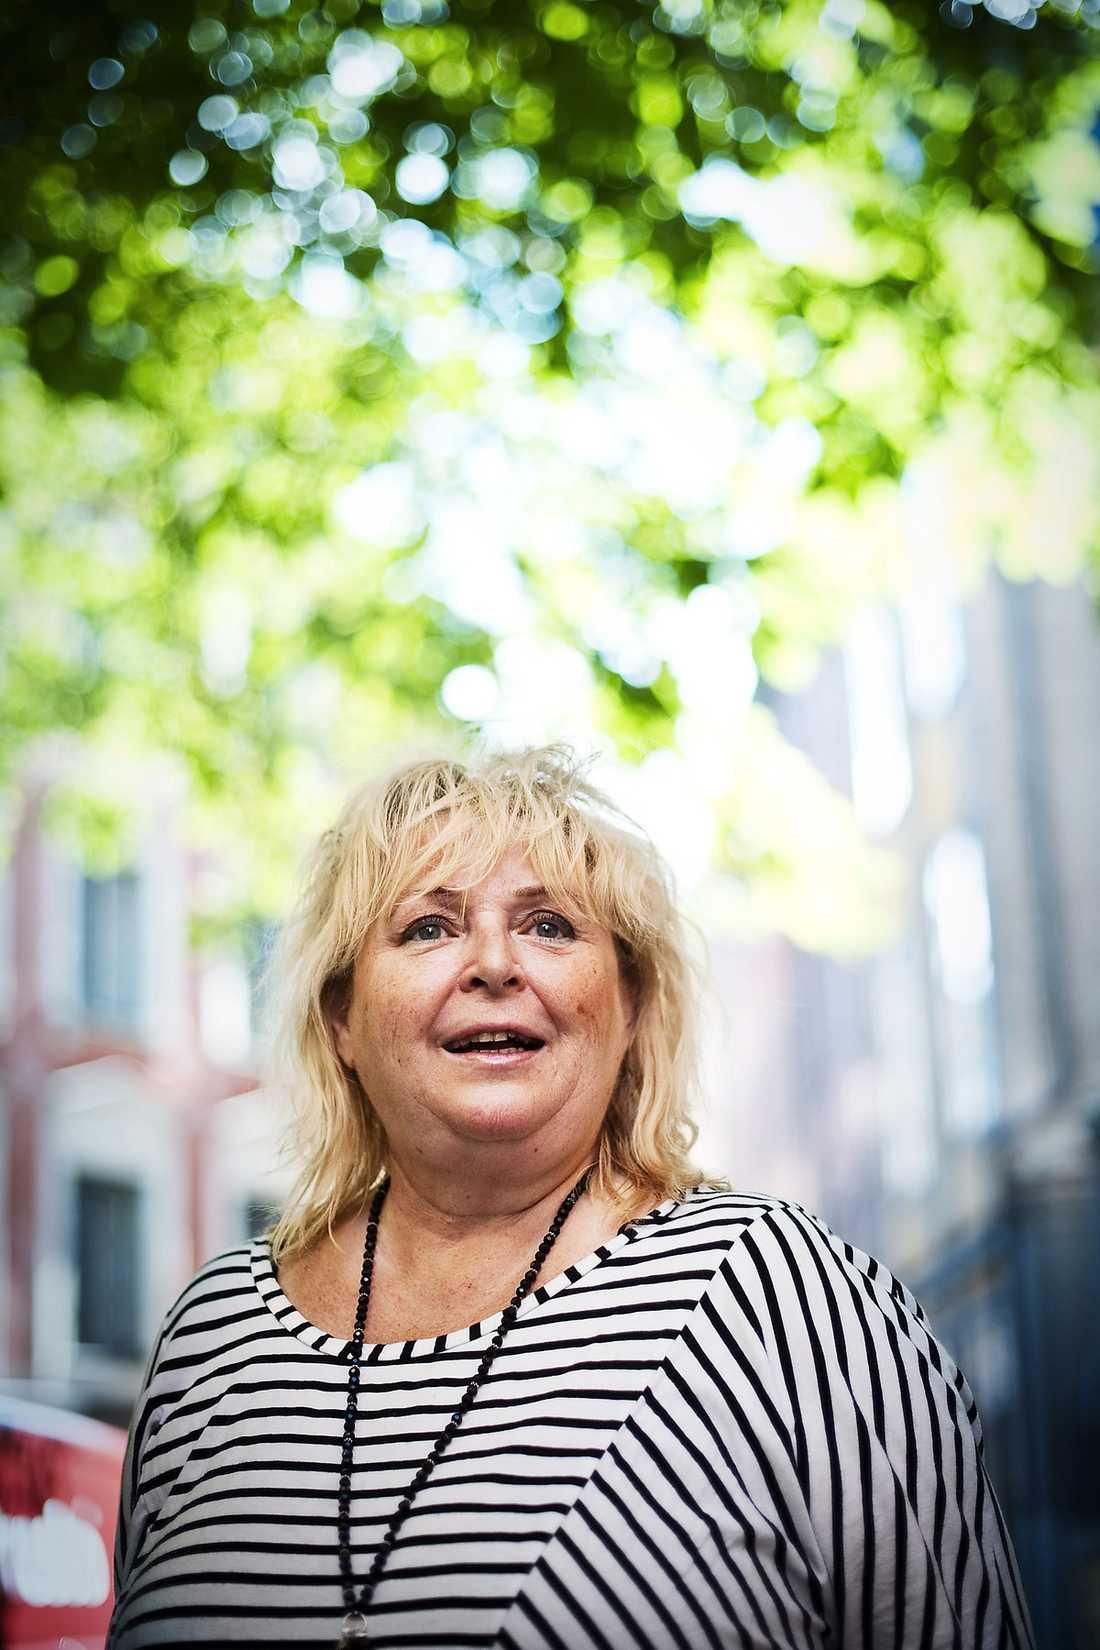 """""""JAG DRACK FÖR ATT STÅ UT"""" Kikki Danielsson berättar nu att det var för att orka med äktenskapet som hon började dricka. """"Mina barn skulle inte bli skilsmässobarn som jag"""", säger sångerskan som beskriver sitt livs svåraste stund, då hon lämnas bort av sin pappa till en fosterfamilj, i boken """"Ett schlagerliv"""" ."""